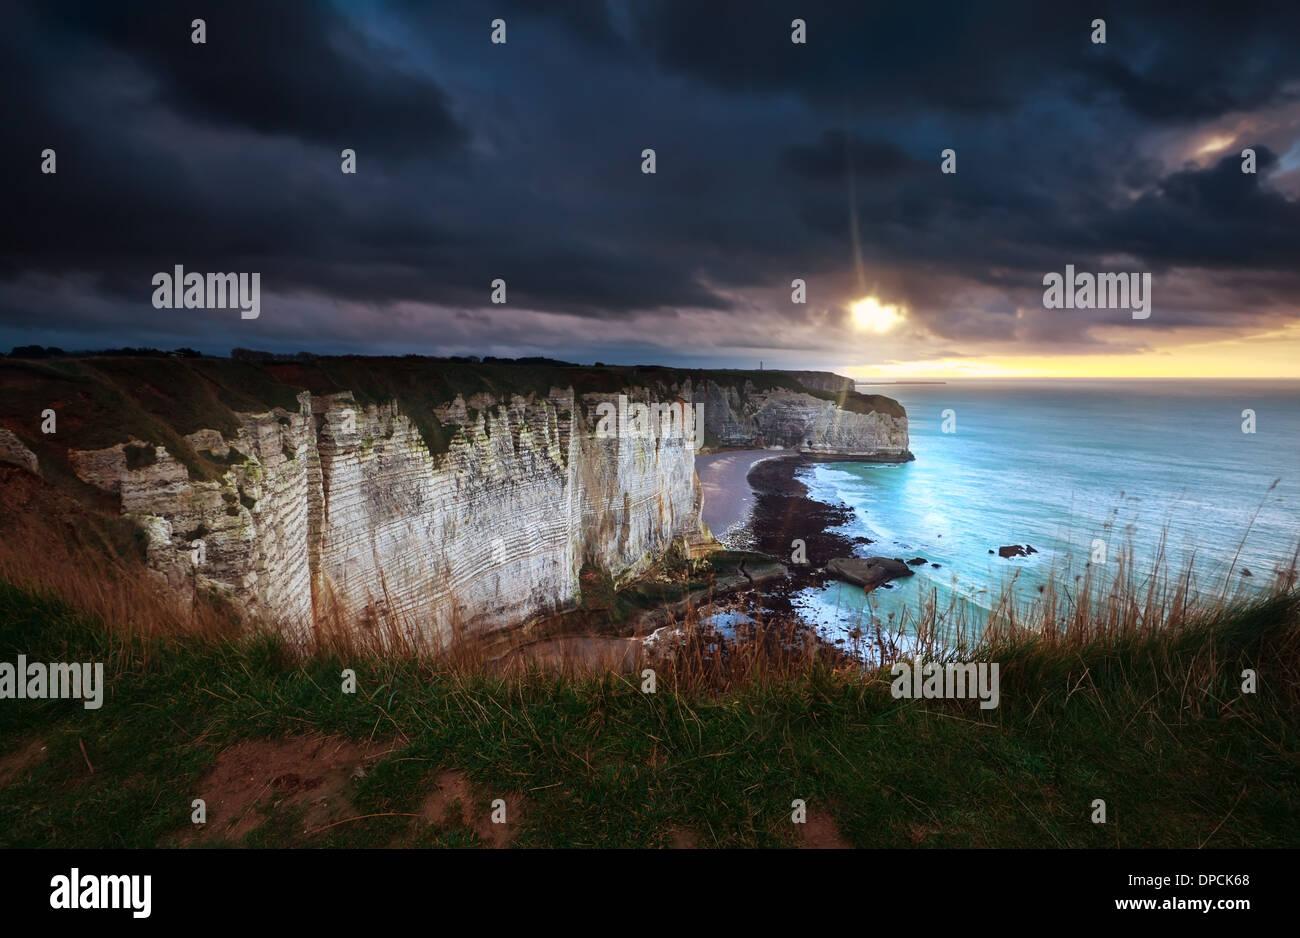 Soleil et ciel tempête sur l'océan dans les falaises, Etretat, France Photo Stock